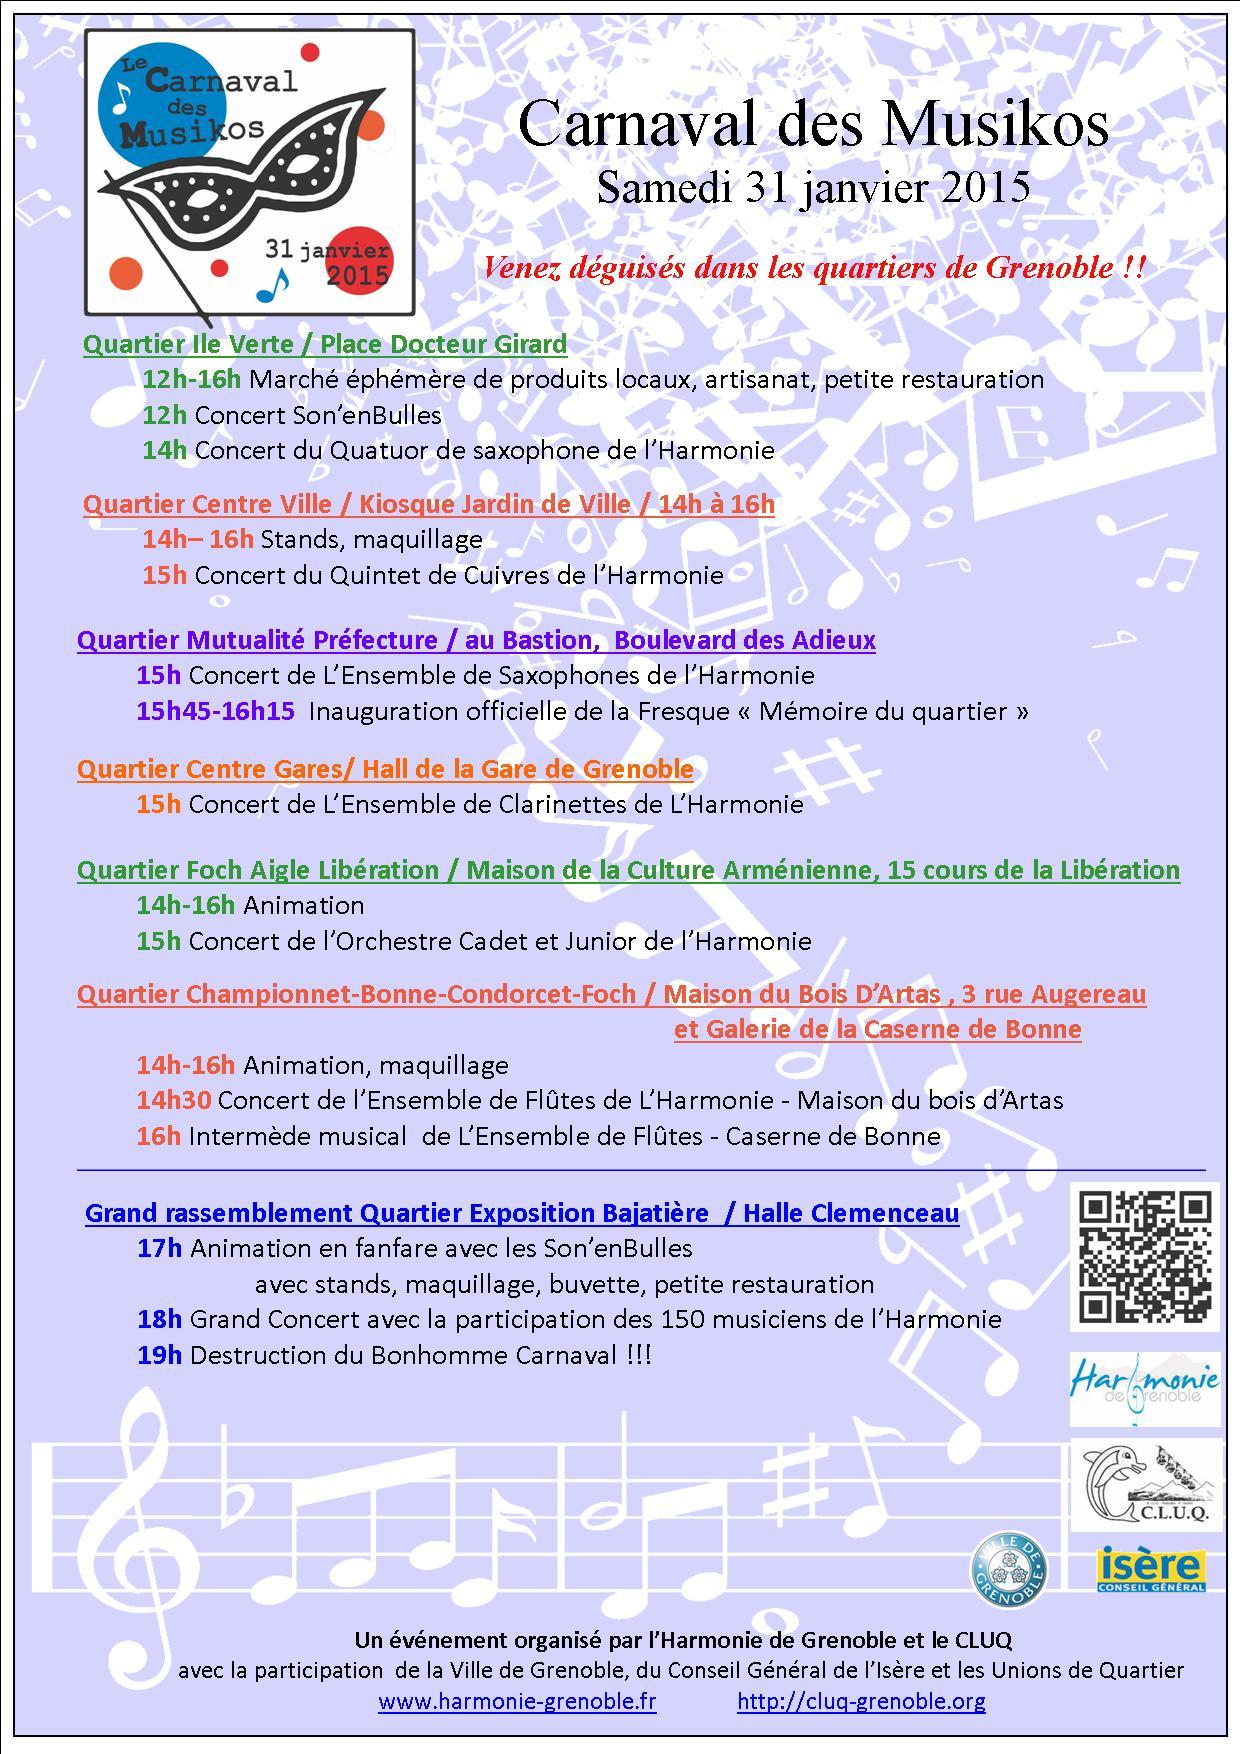 ProgCarnavalMusikos 31Jan2015